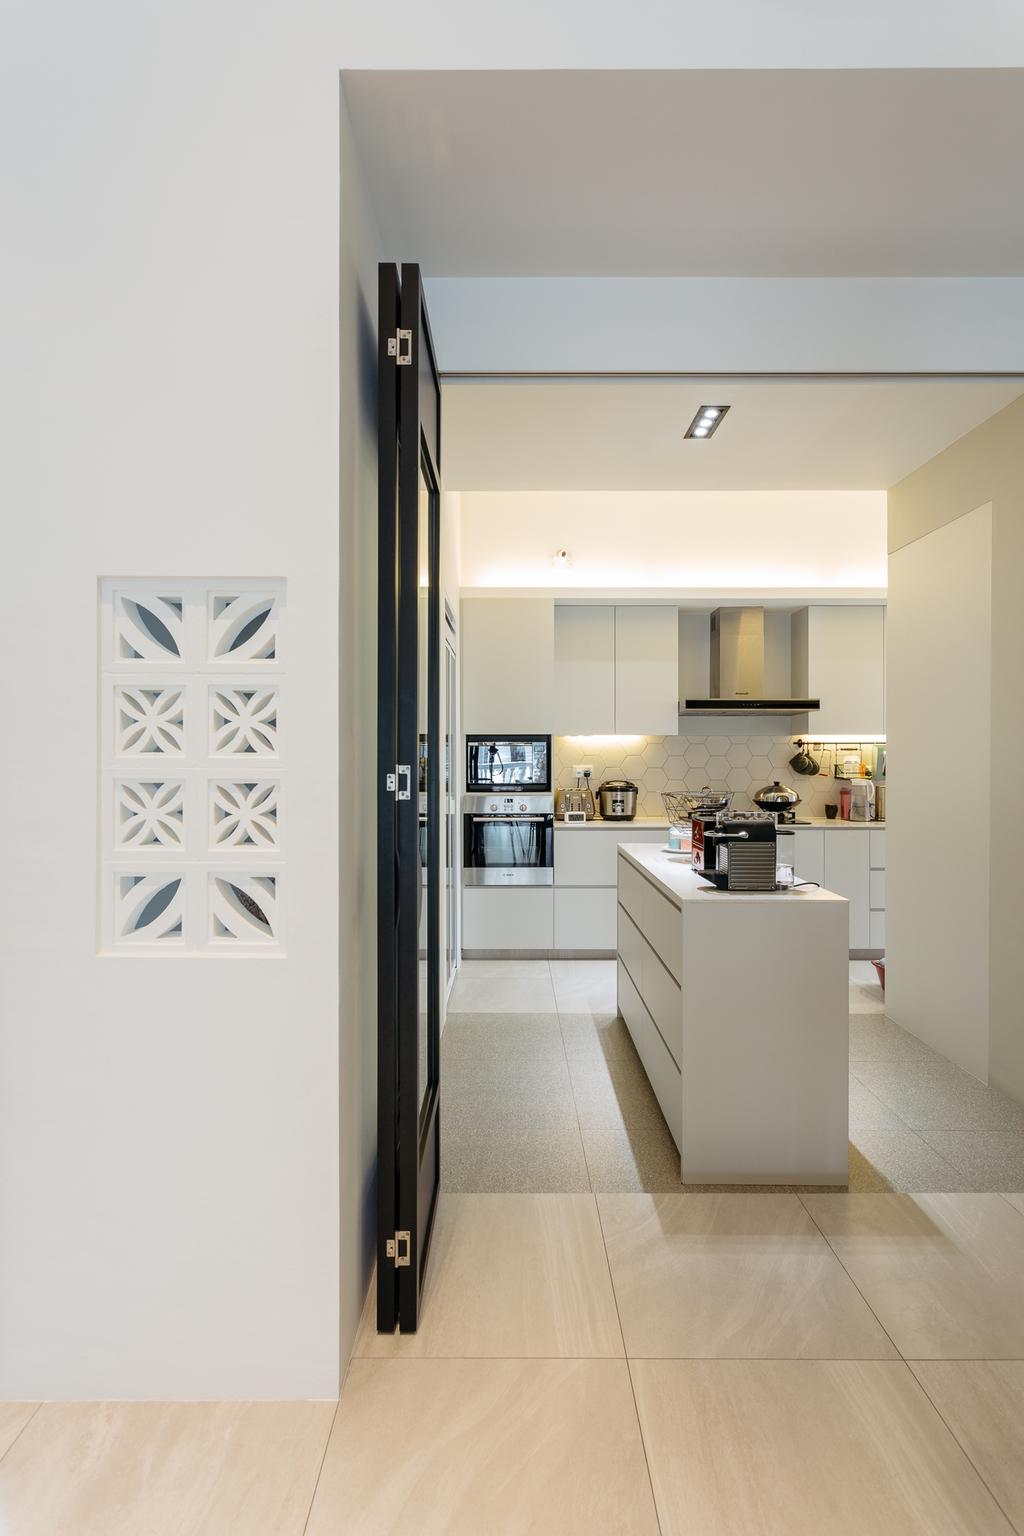 Transitional, Condo, Kitchen, Crescendo Park, Interior Designer, Habit, Indoors, Interior Design